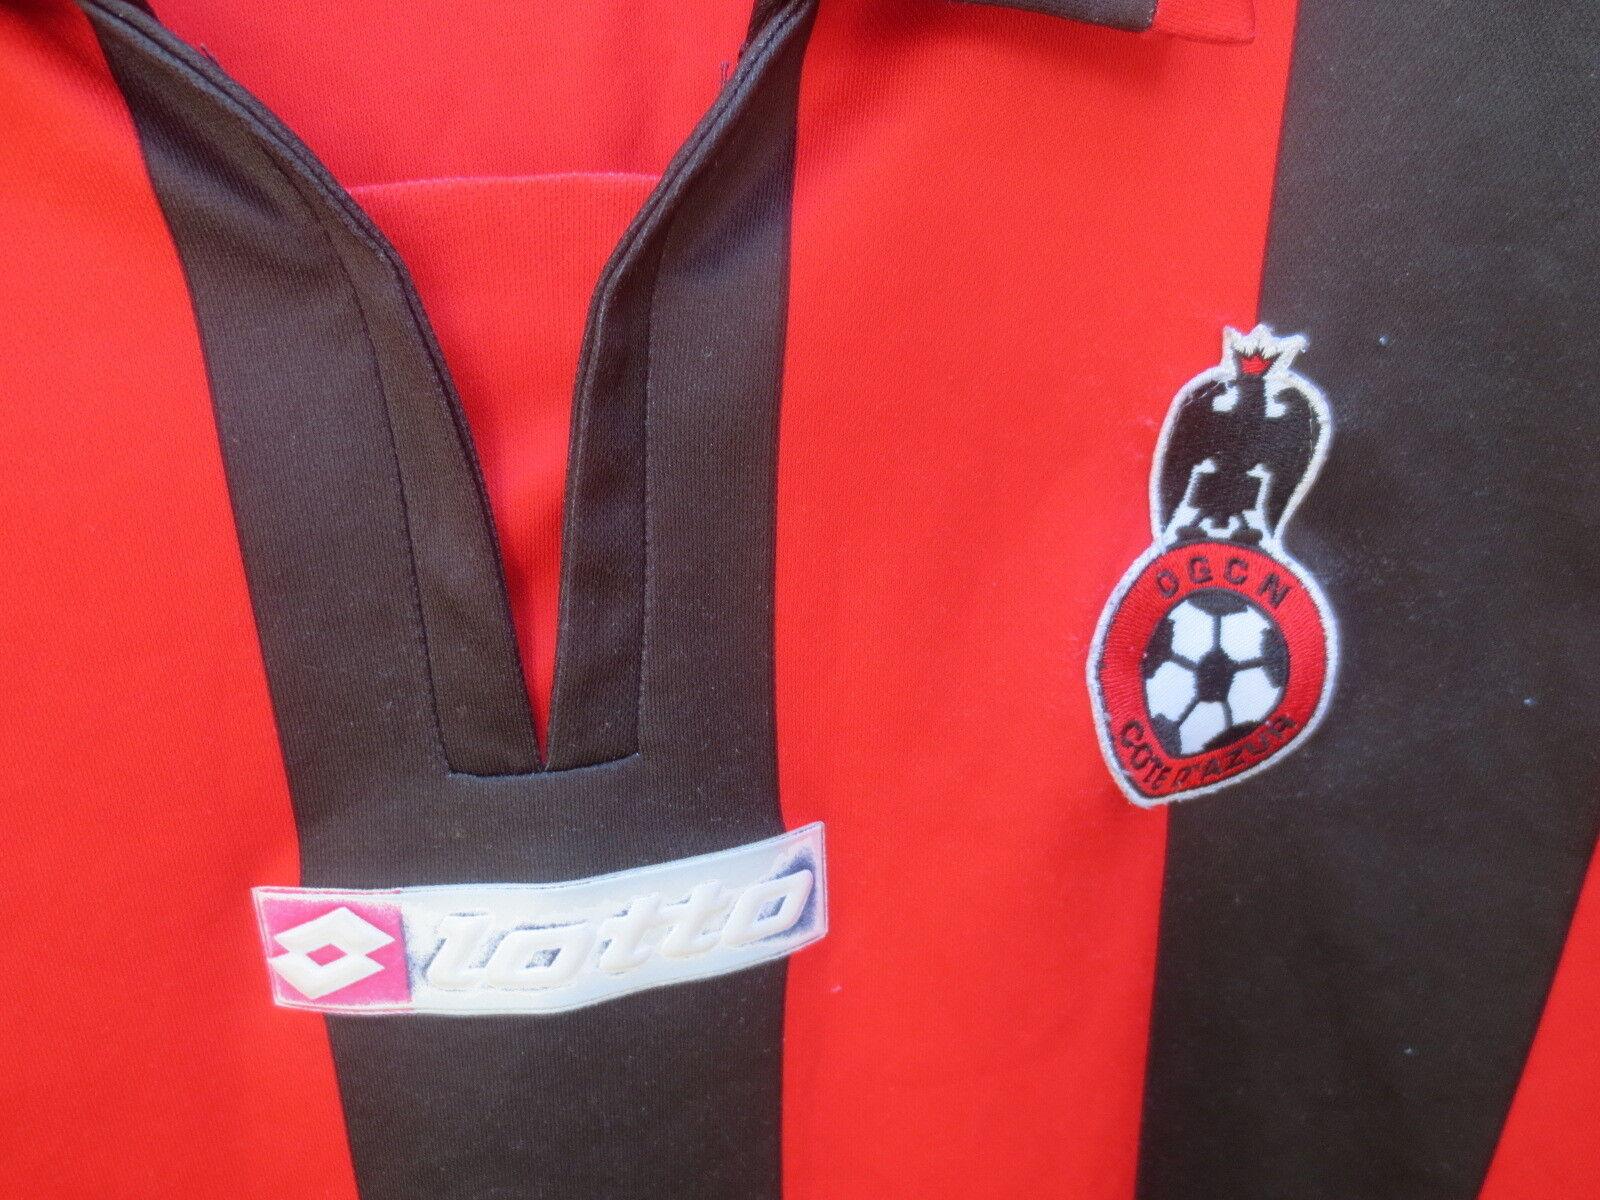 VINTAGE Maillot O.G.C O.G.C O.G.C NICE 2007/2008 LOTTO football shirt maglia sans sponsor M cad53a